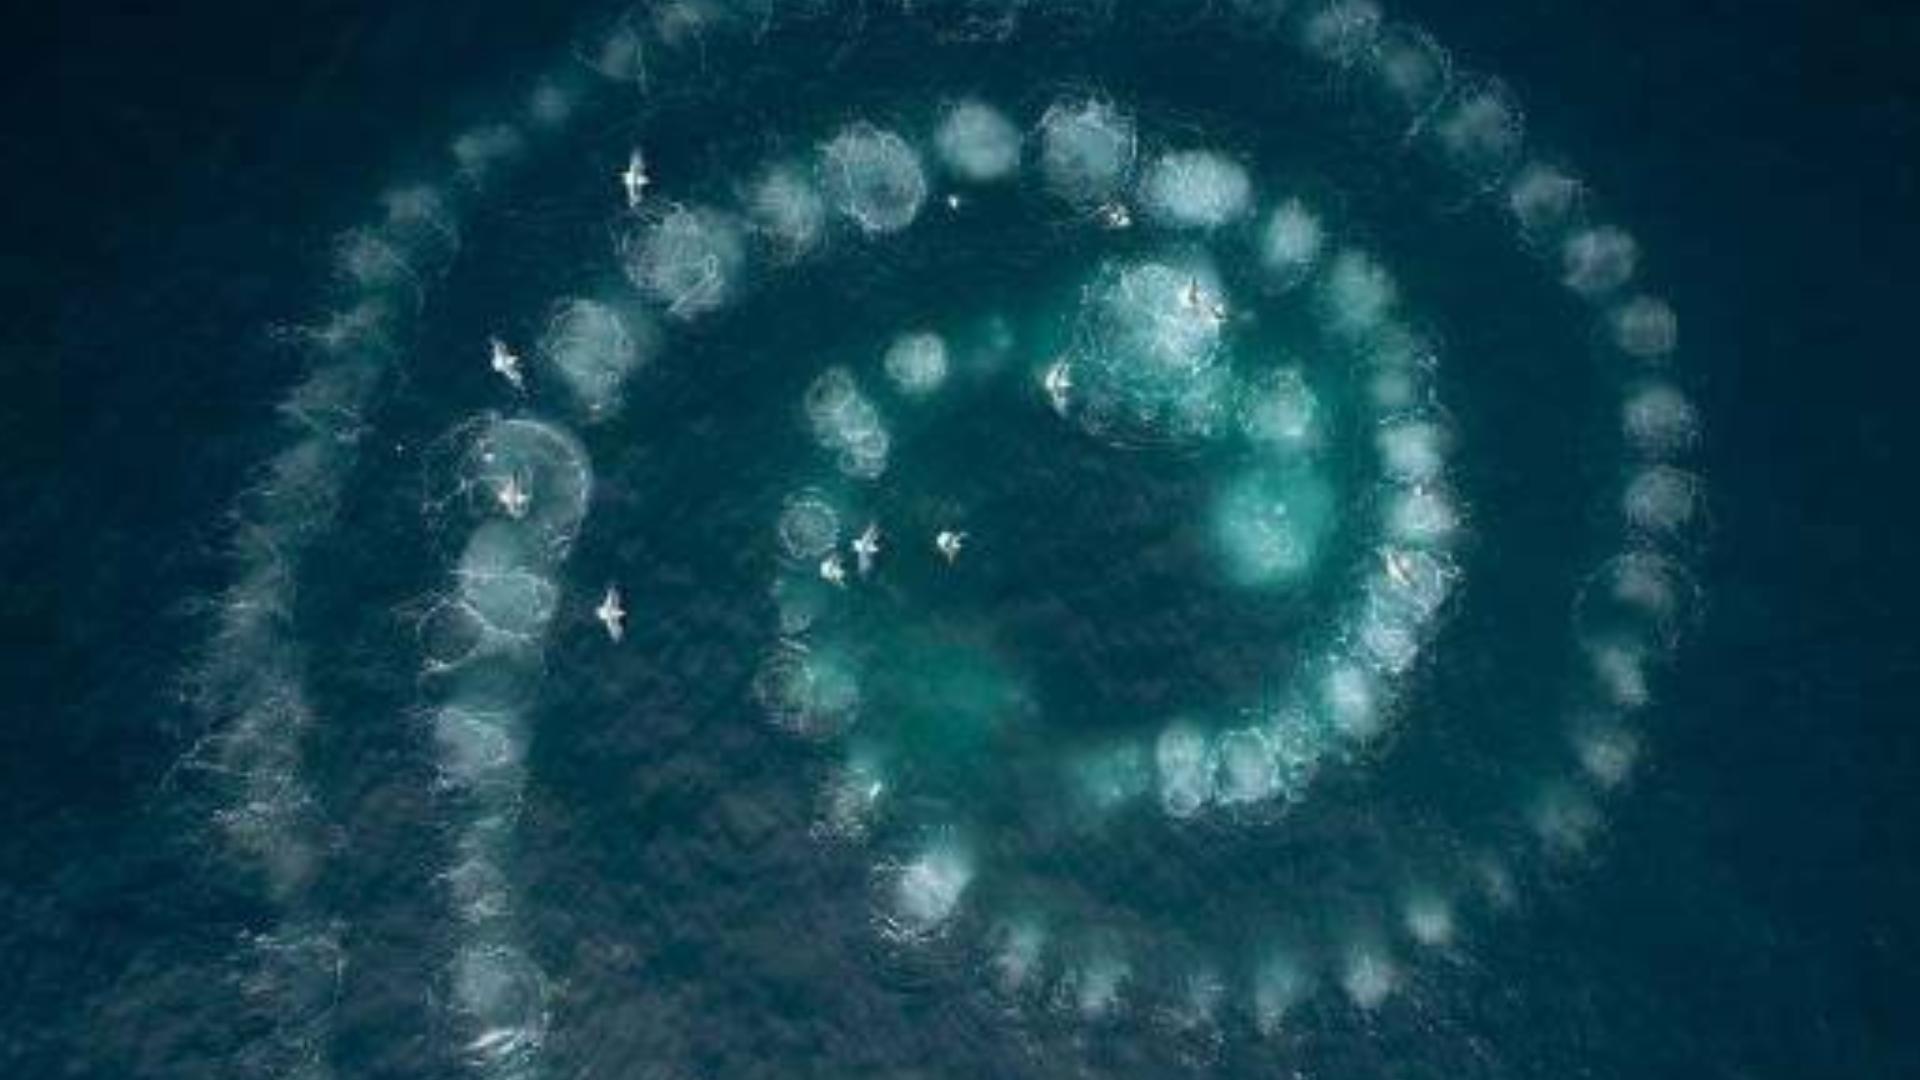 2019纪录片《七个世界,一个星球 Seven Worlds, One Planet》04 澳洲